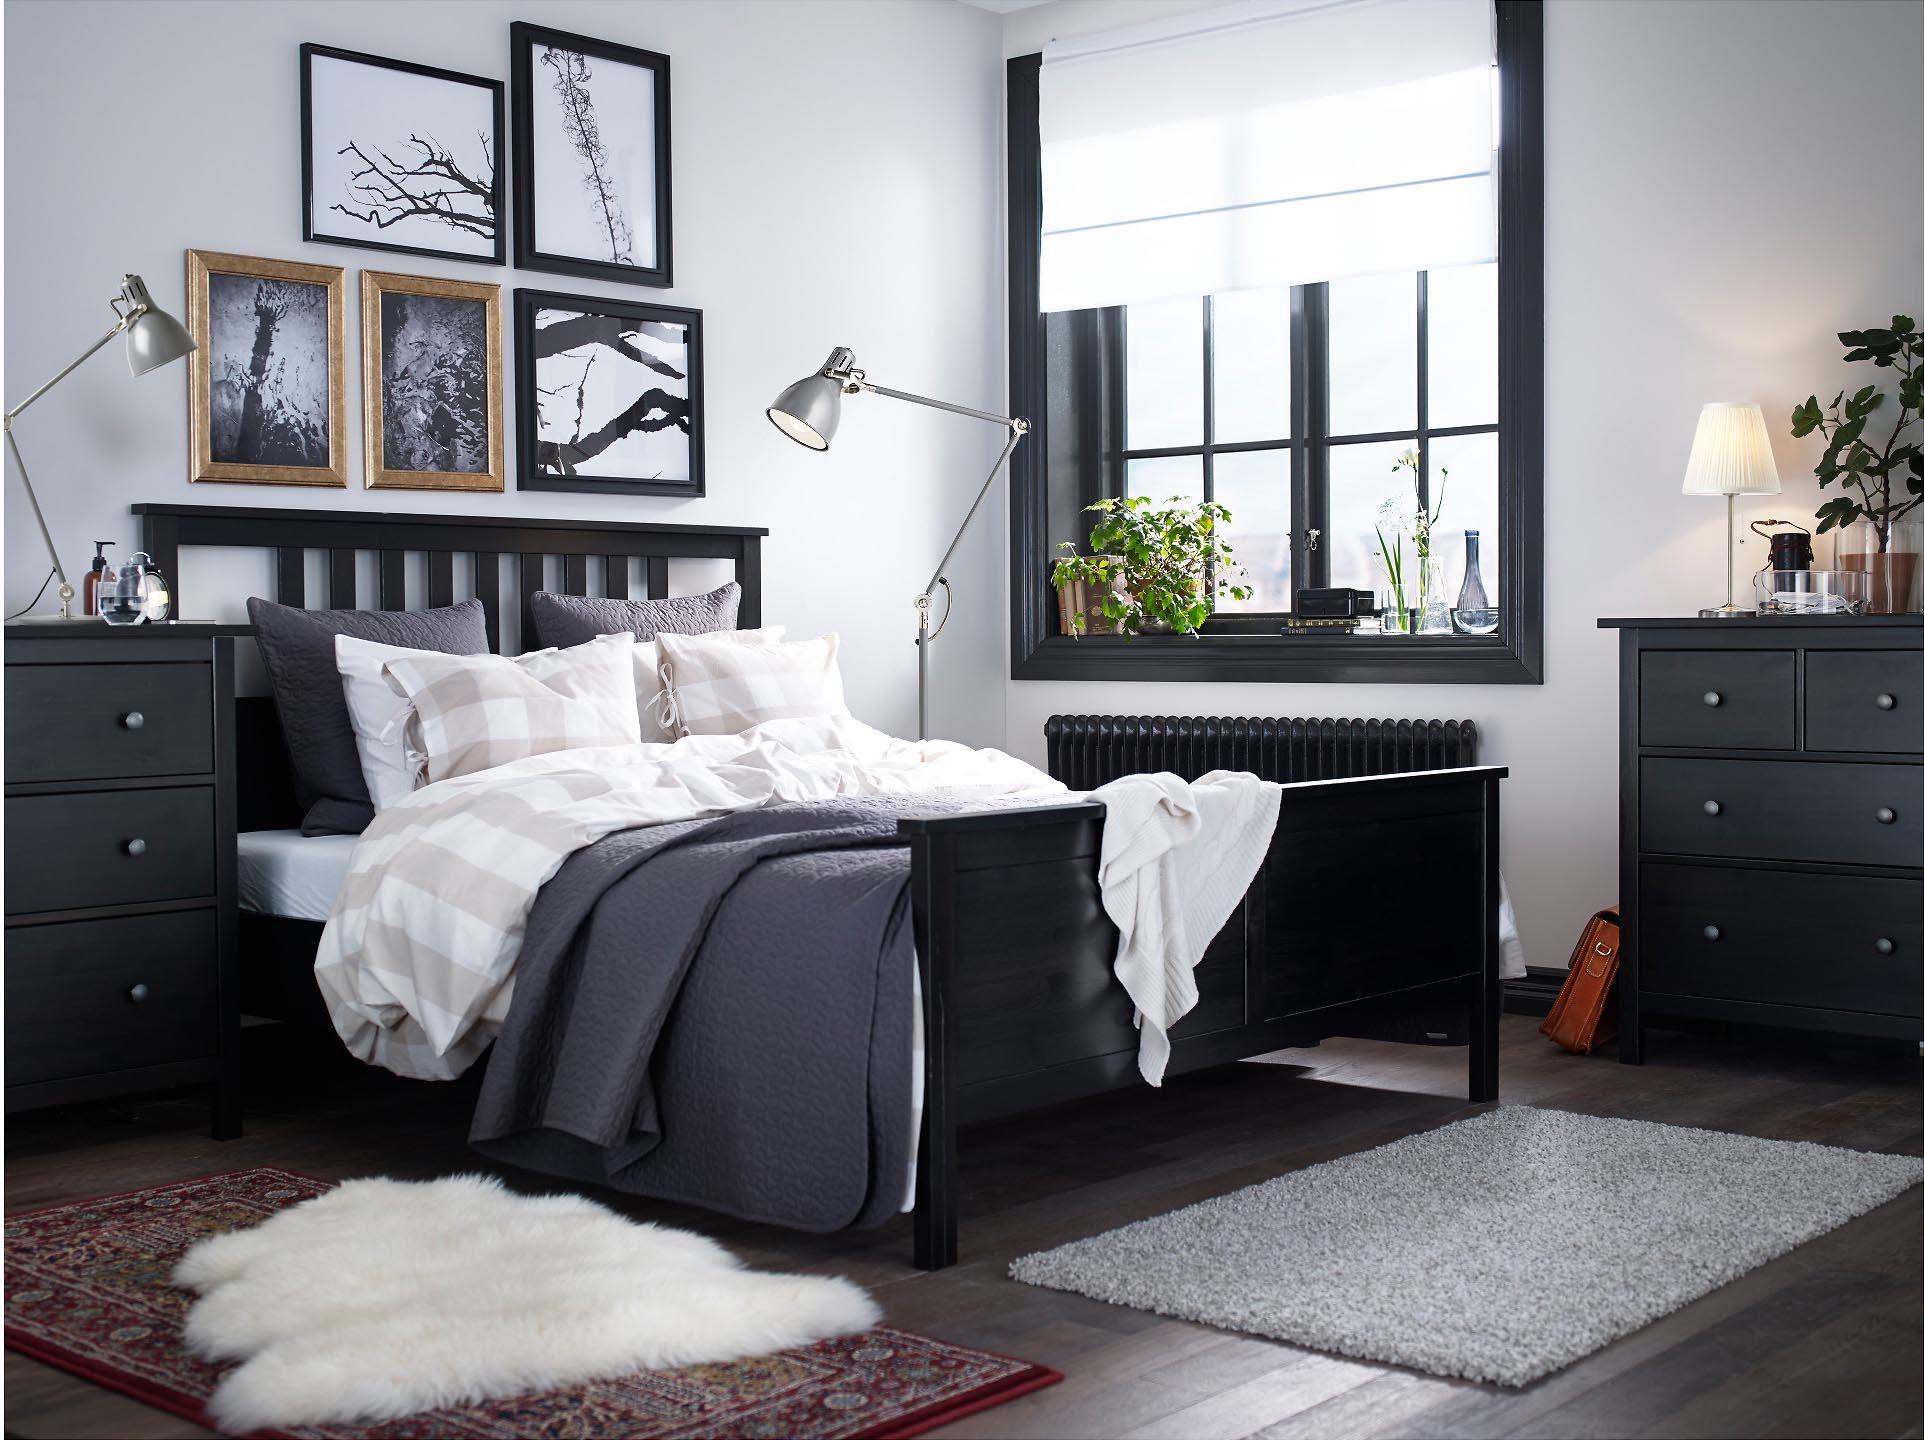 ikea bedroom furniture ikea hemnes bed